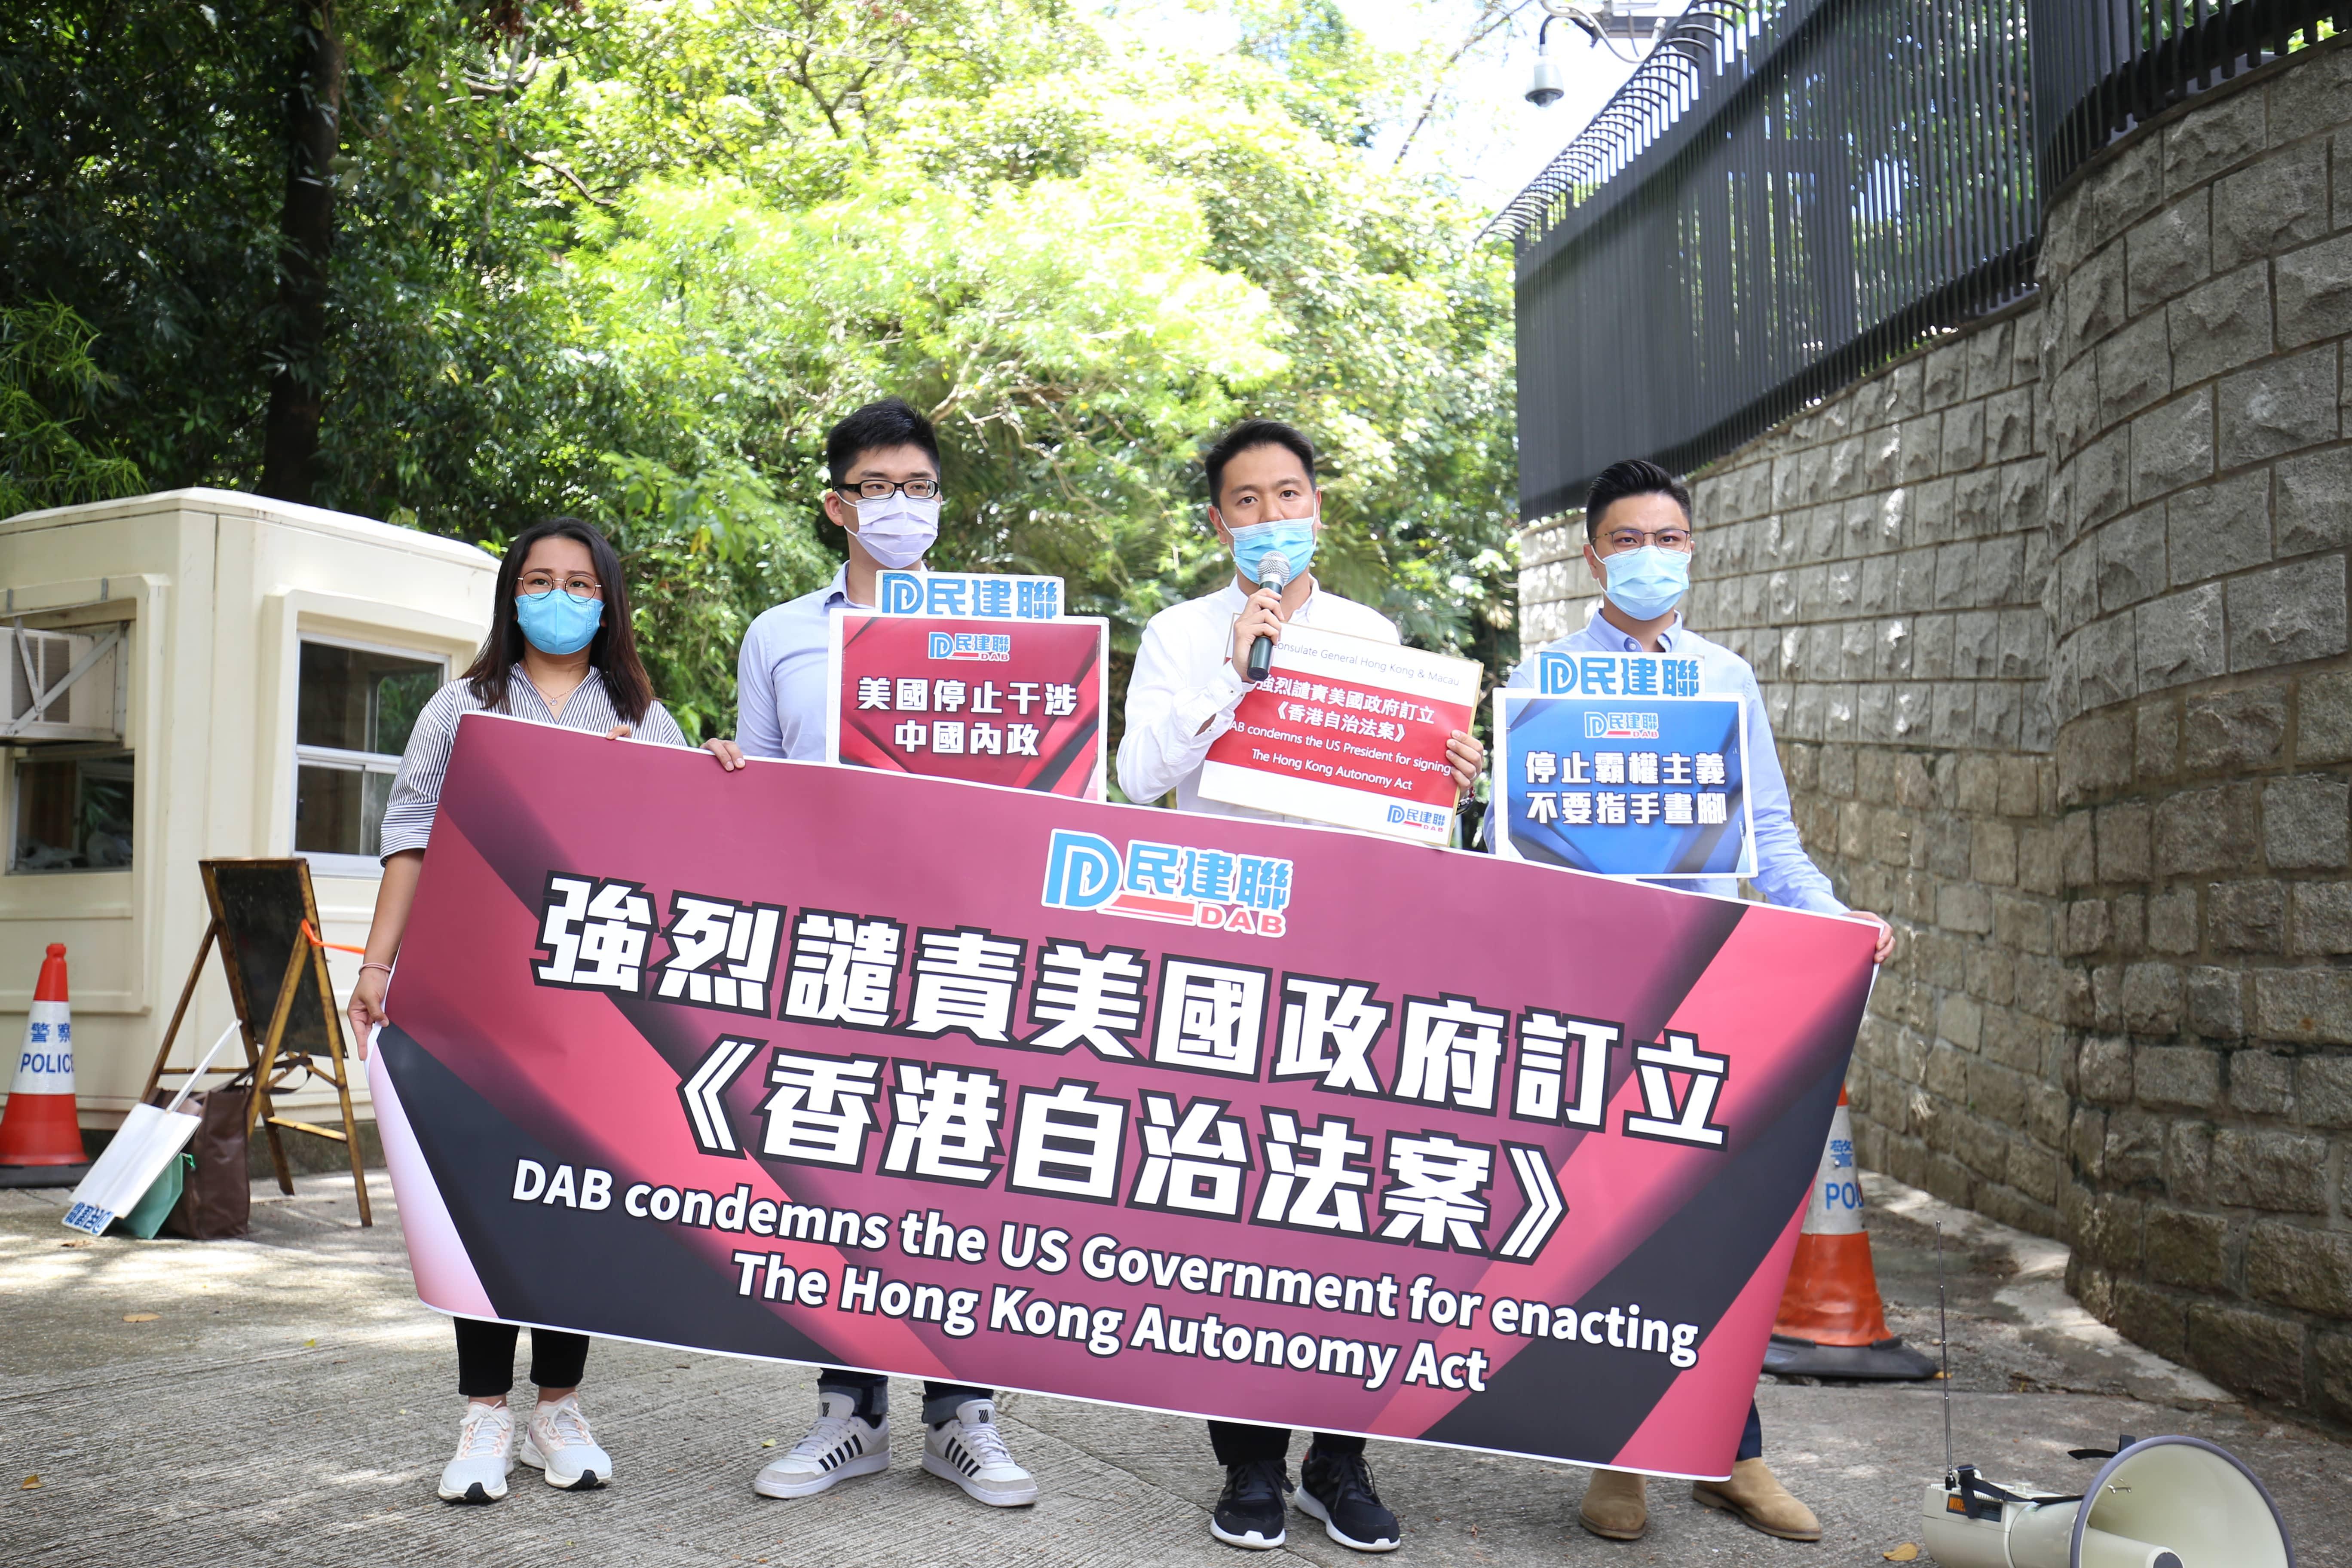 2020年7月16日強烈譴責美國政府簽訂《香港自治法案》